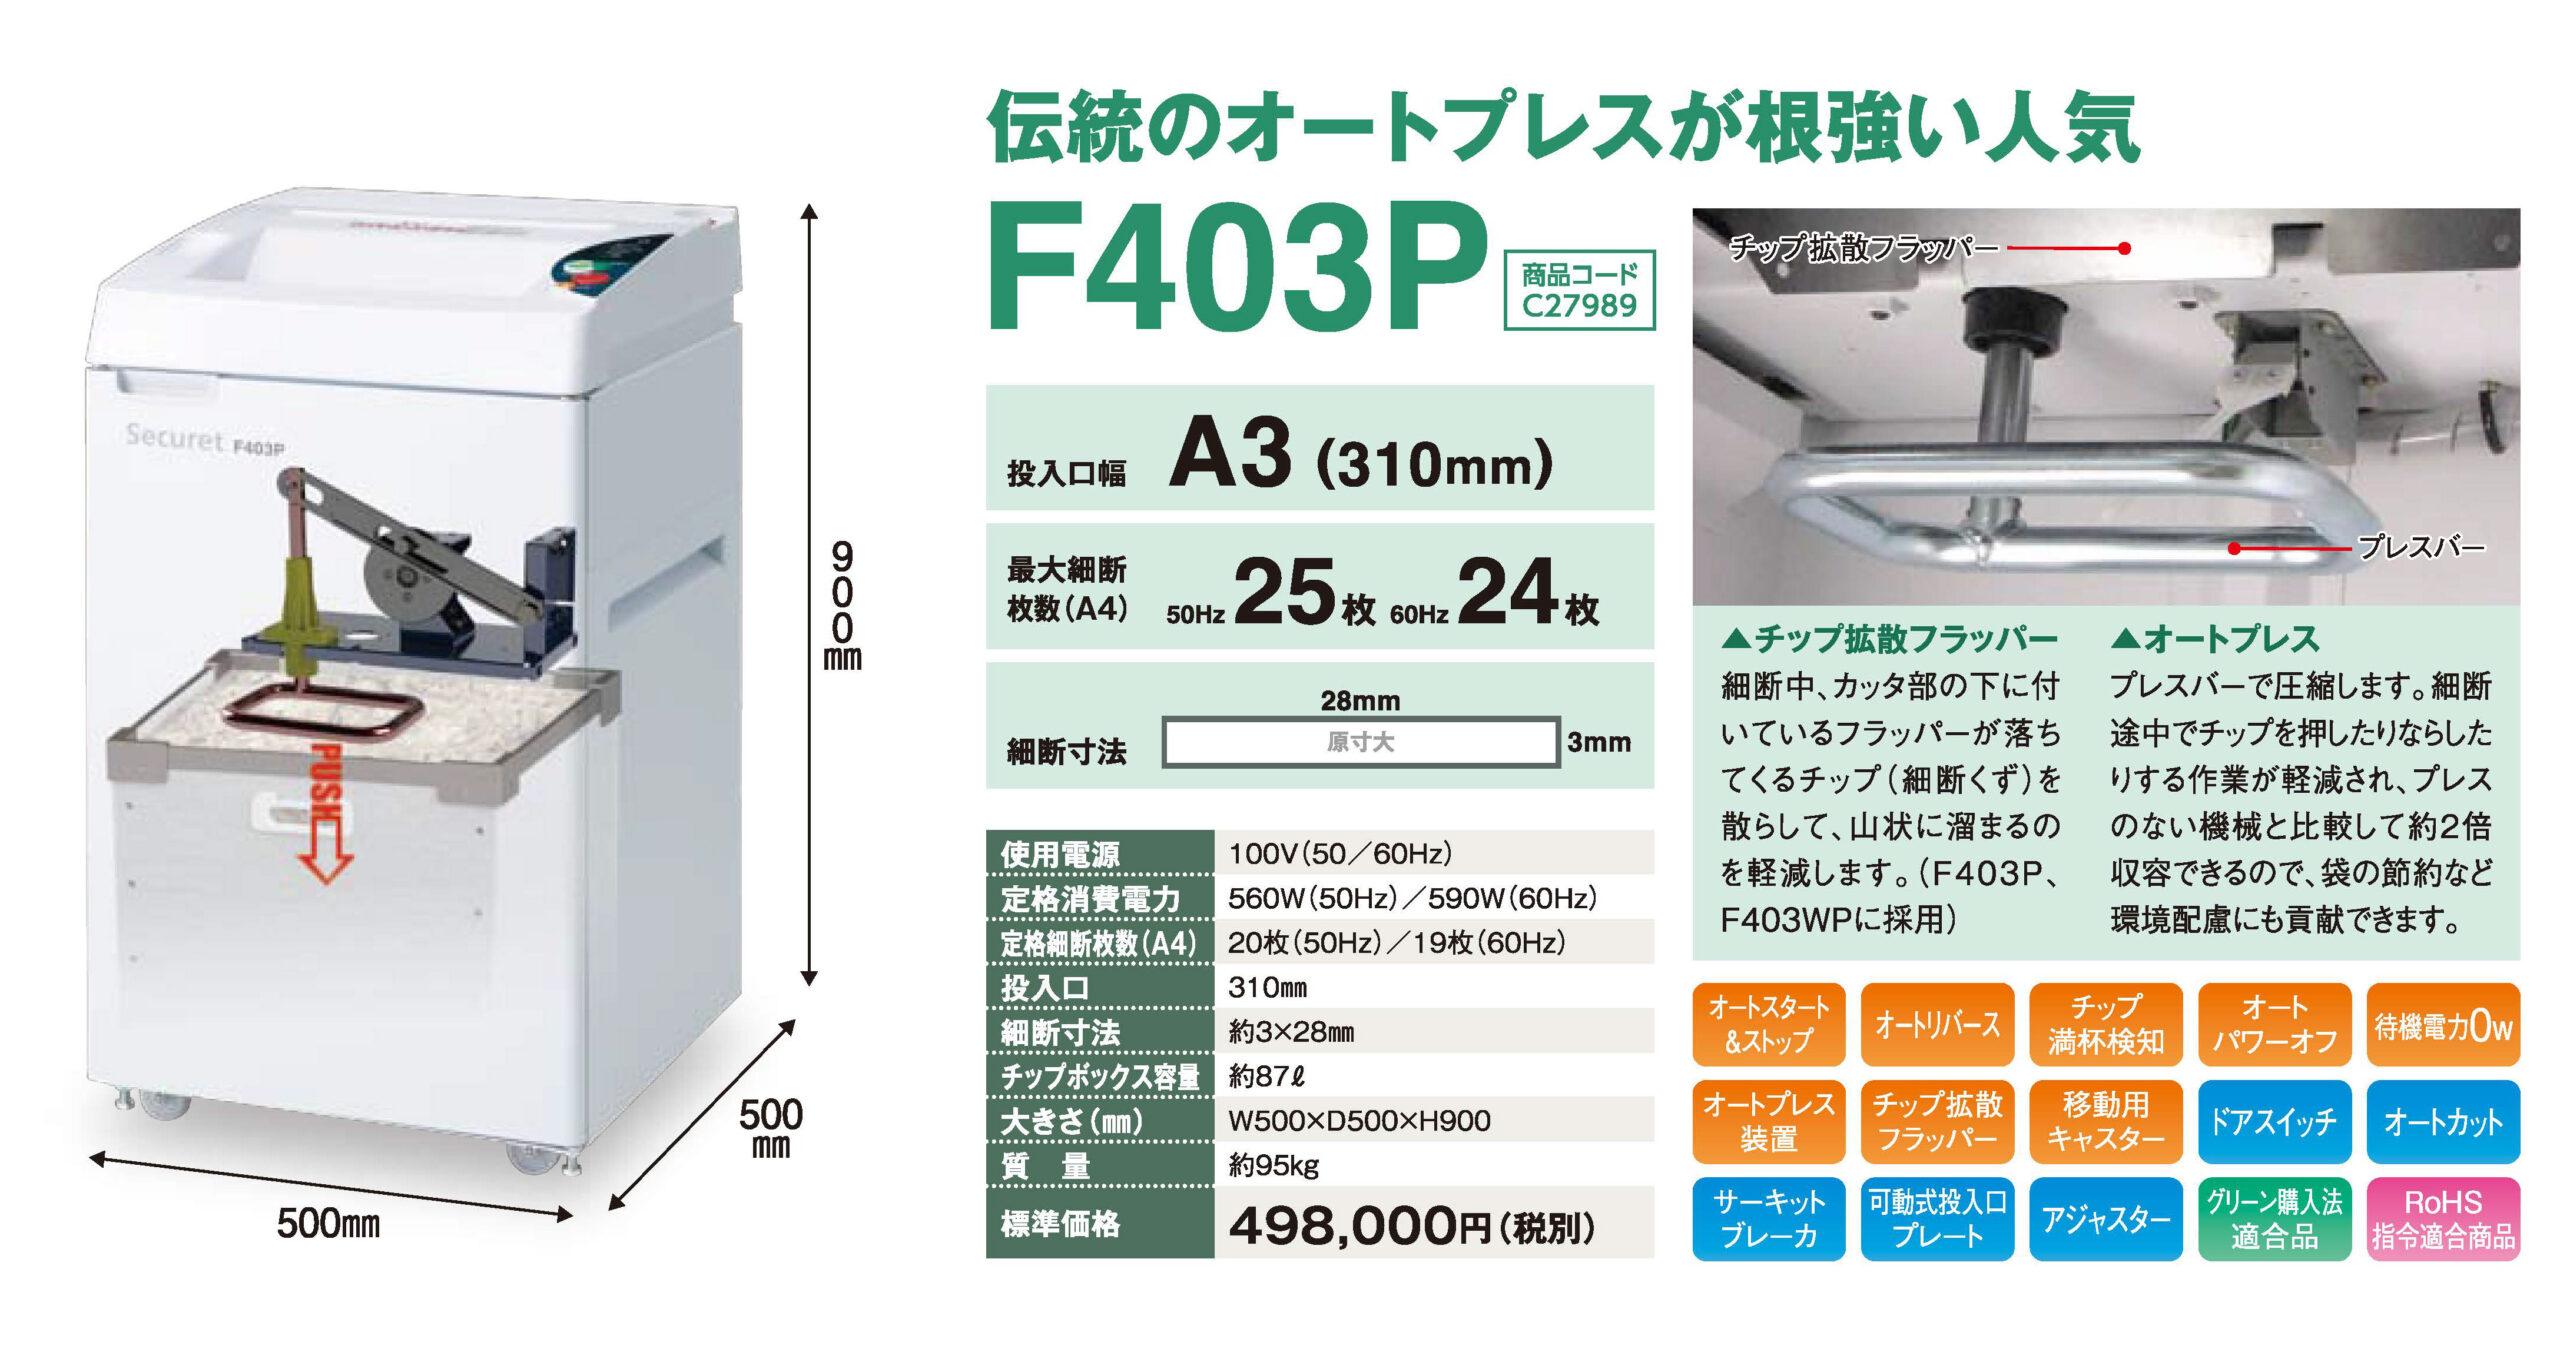 石澤製作所 セキュレットシュレッダF403P